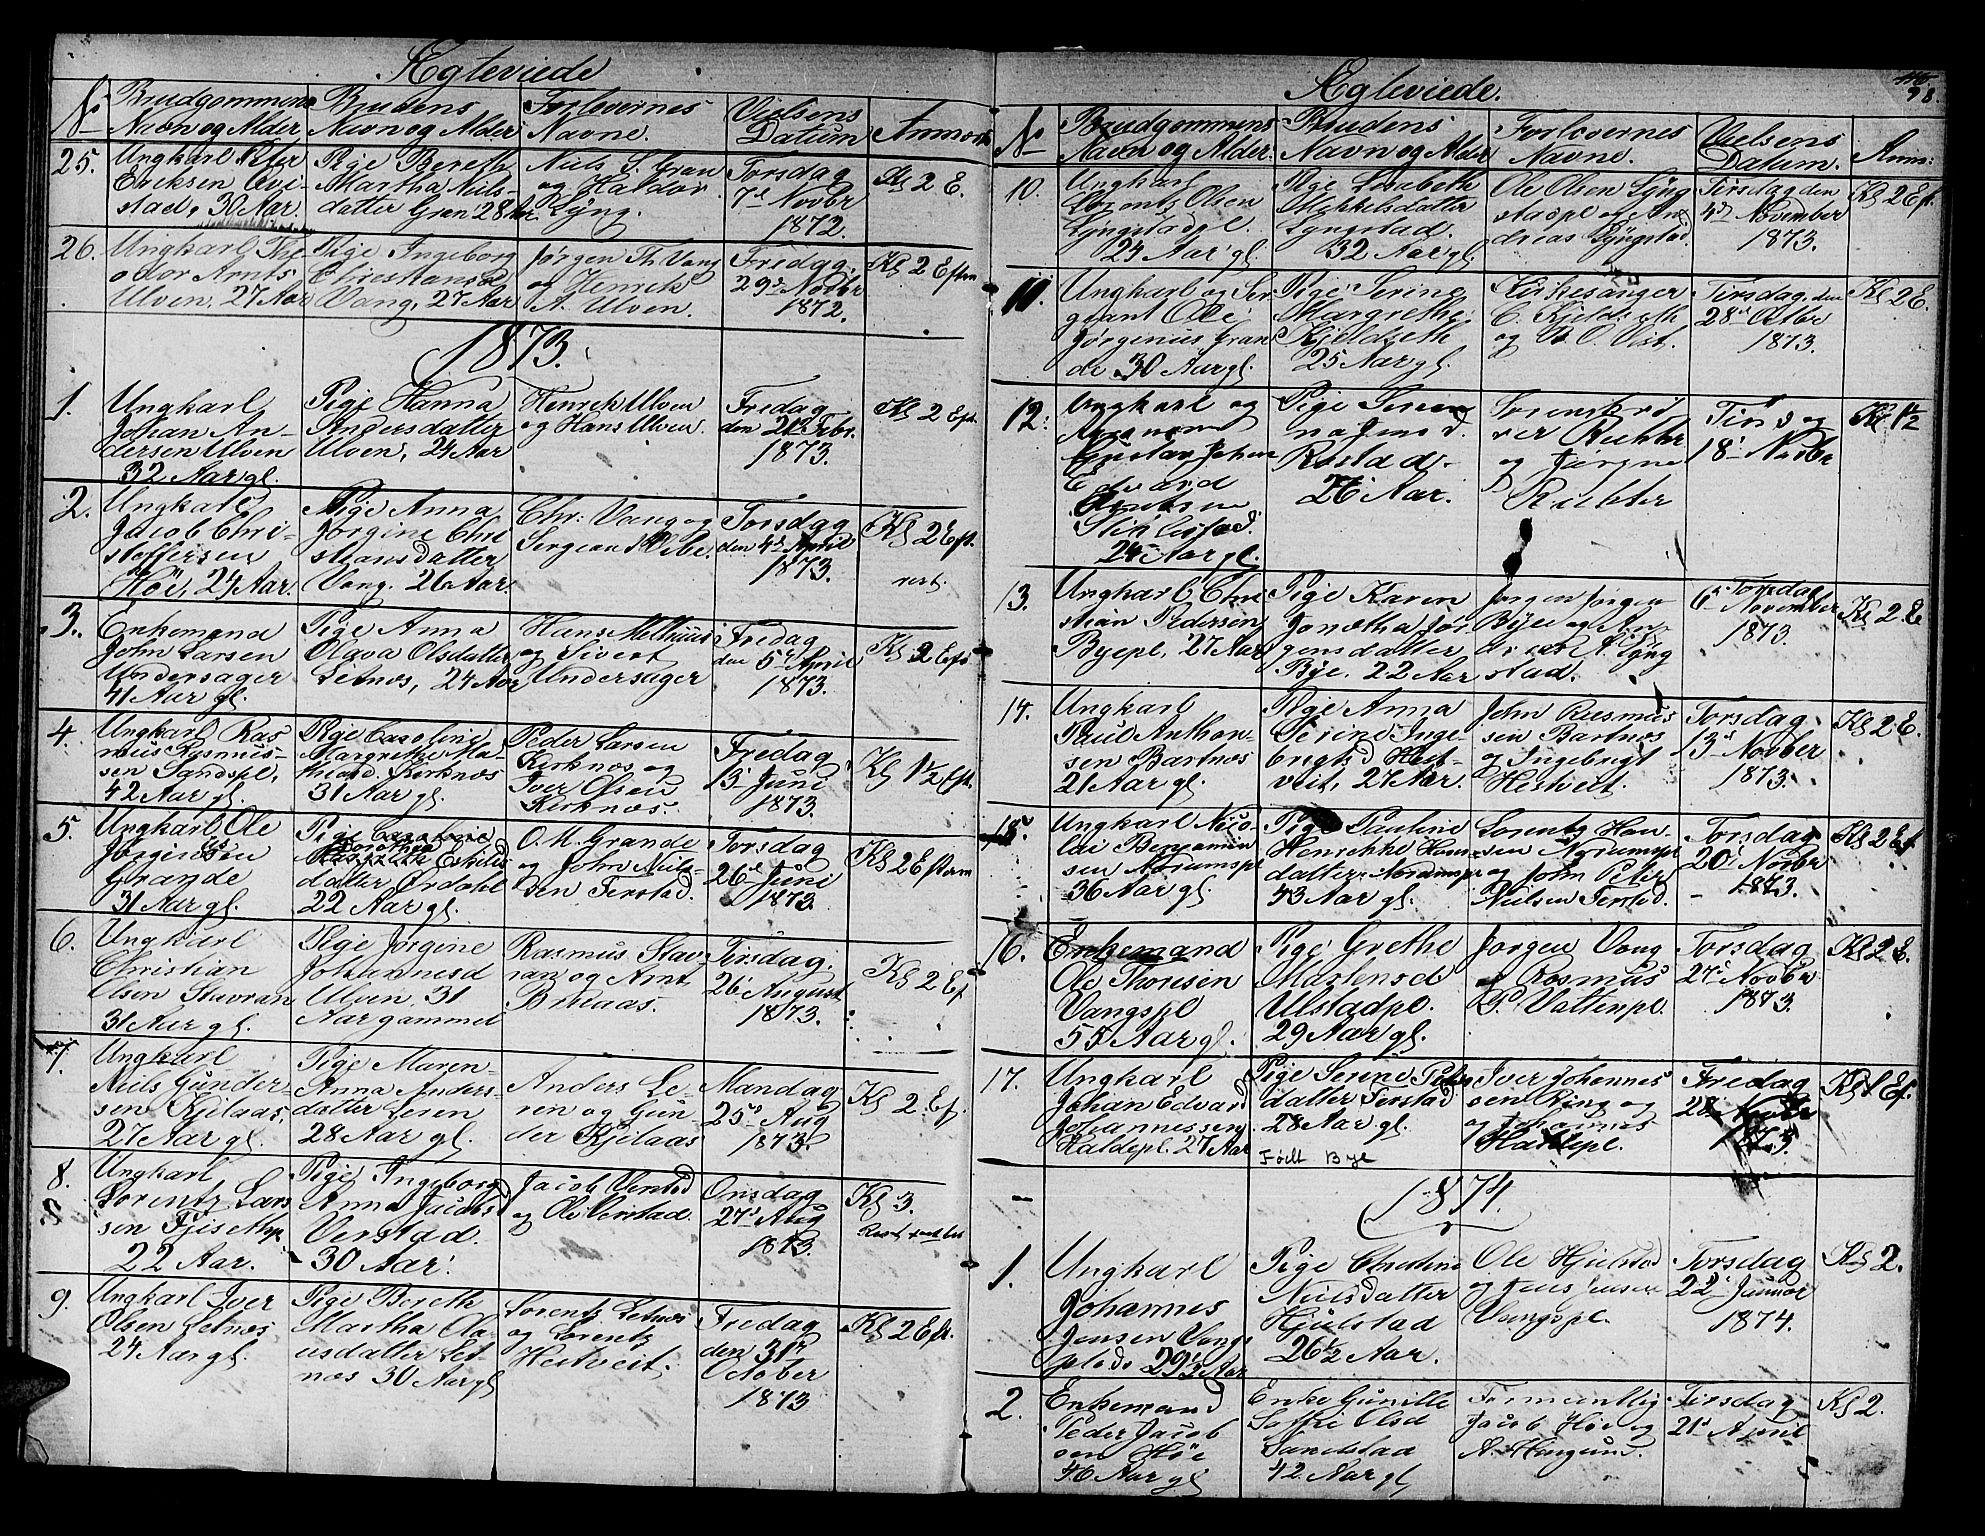 SAT, Ministerialprotokoller, klokkerbøker og fødselsregistre - Nord-Trøndelag, 730/L0300: Klokkerbok nr. 730C03, 1872-1879, s. 98